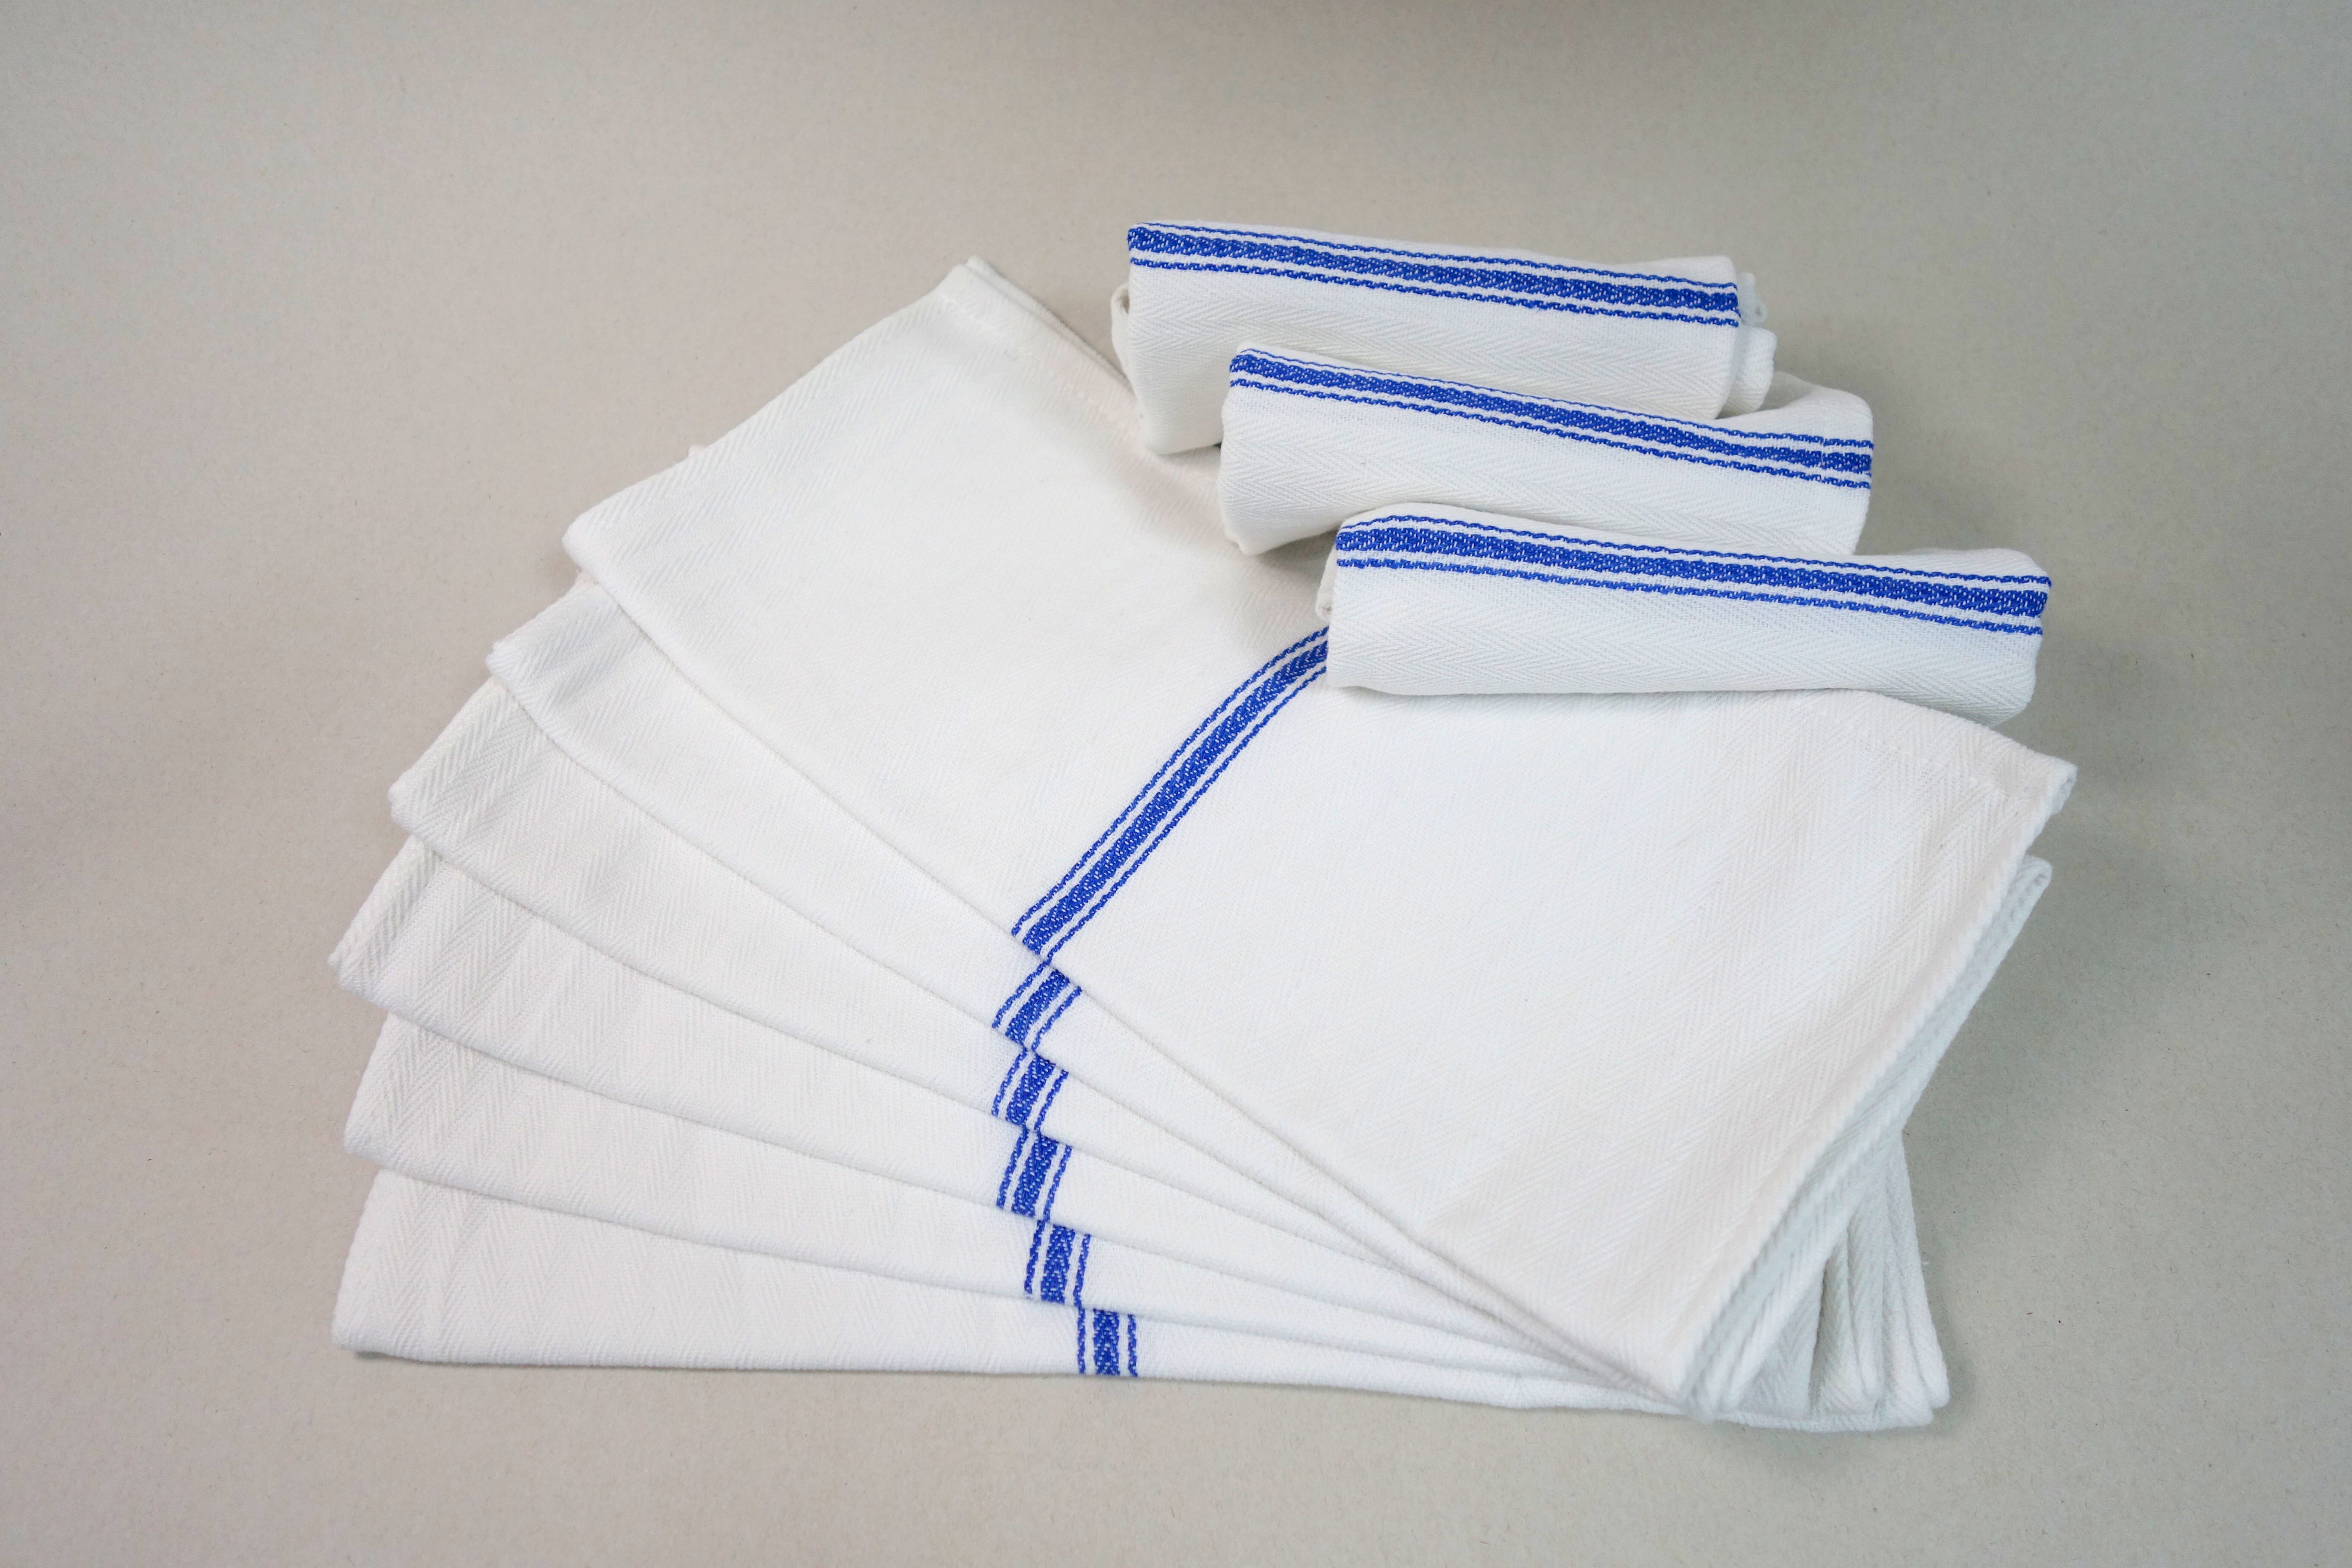 Kitchen Towels/Tea Towels/Dish Towels – JTX